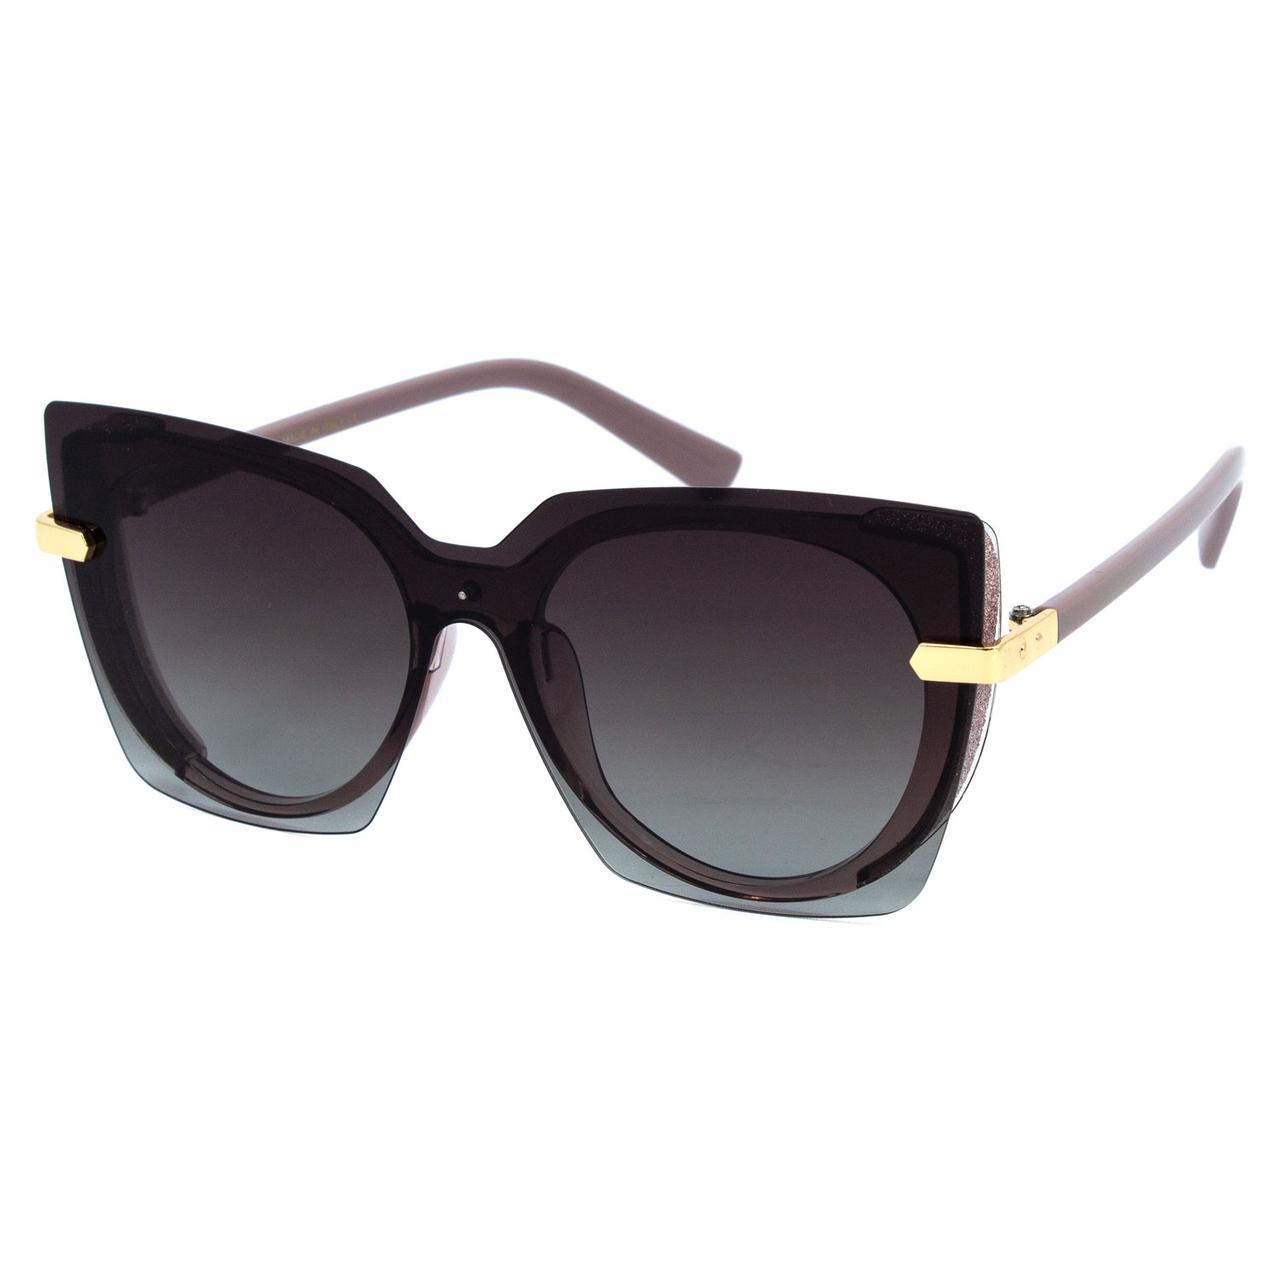 Солнцезащитные очки Marmilen TR-90 9954 C5 розово бежевые     ( 9954S-05 )